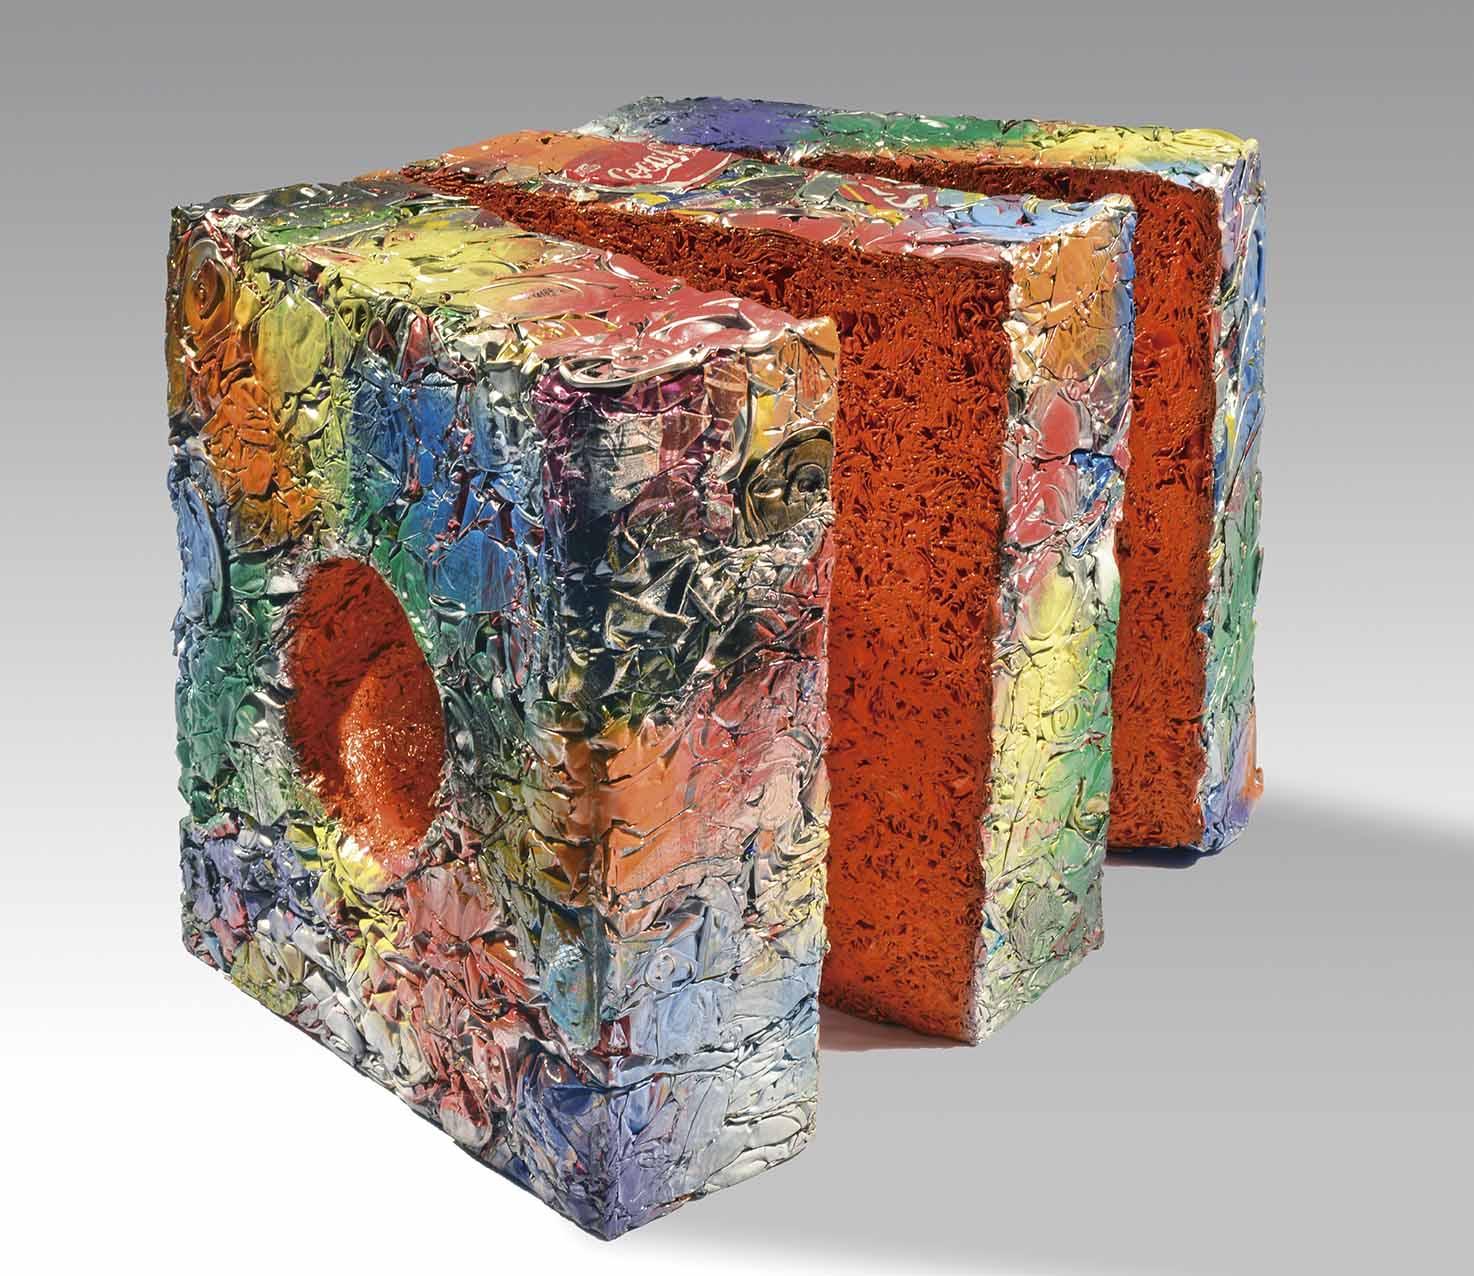 """JULIO TESTONI (Nac. 1948) """"MATERIA Y FORMA"""" Técnica mixta, latas compactadas y pintadas; 33 x 33 x 12cm. Firmado en el borde inferior. POR CONSULTAS DE PRECIOS, CONTACTE LA GALERIA. FOR PRICE´S ENQUIRIES, PLEASE CONTACT THE GALLERY."""